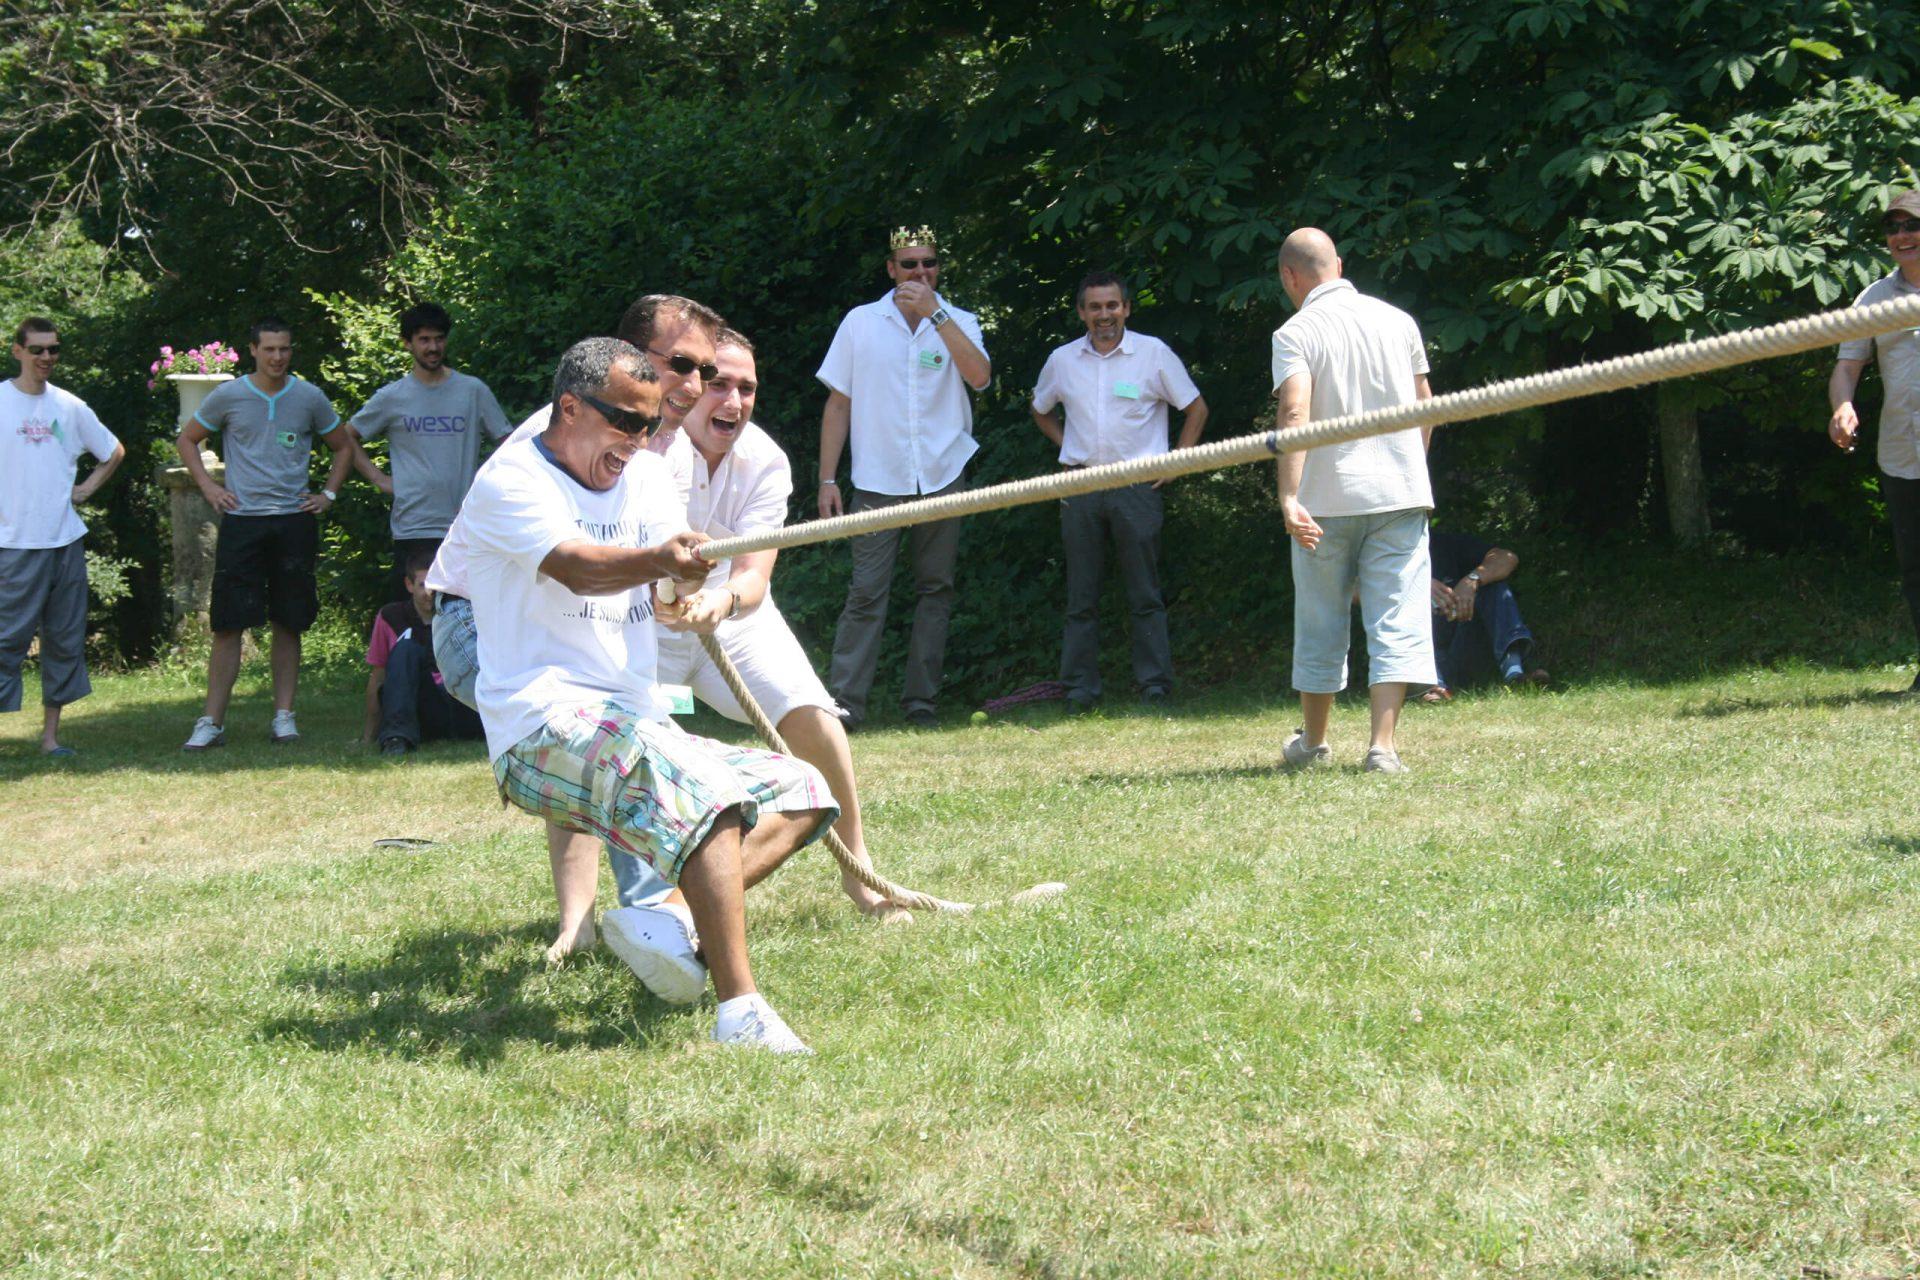 olympiades activité sportive tir à la corde